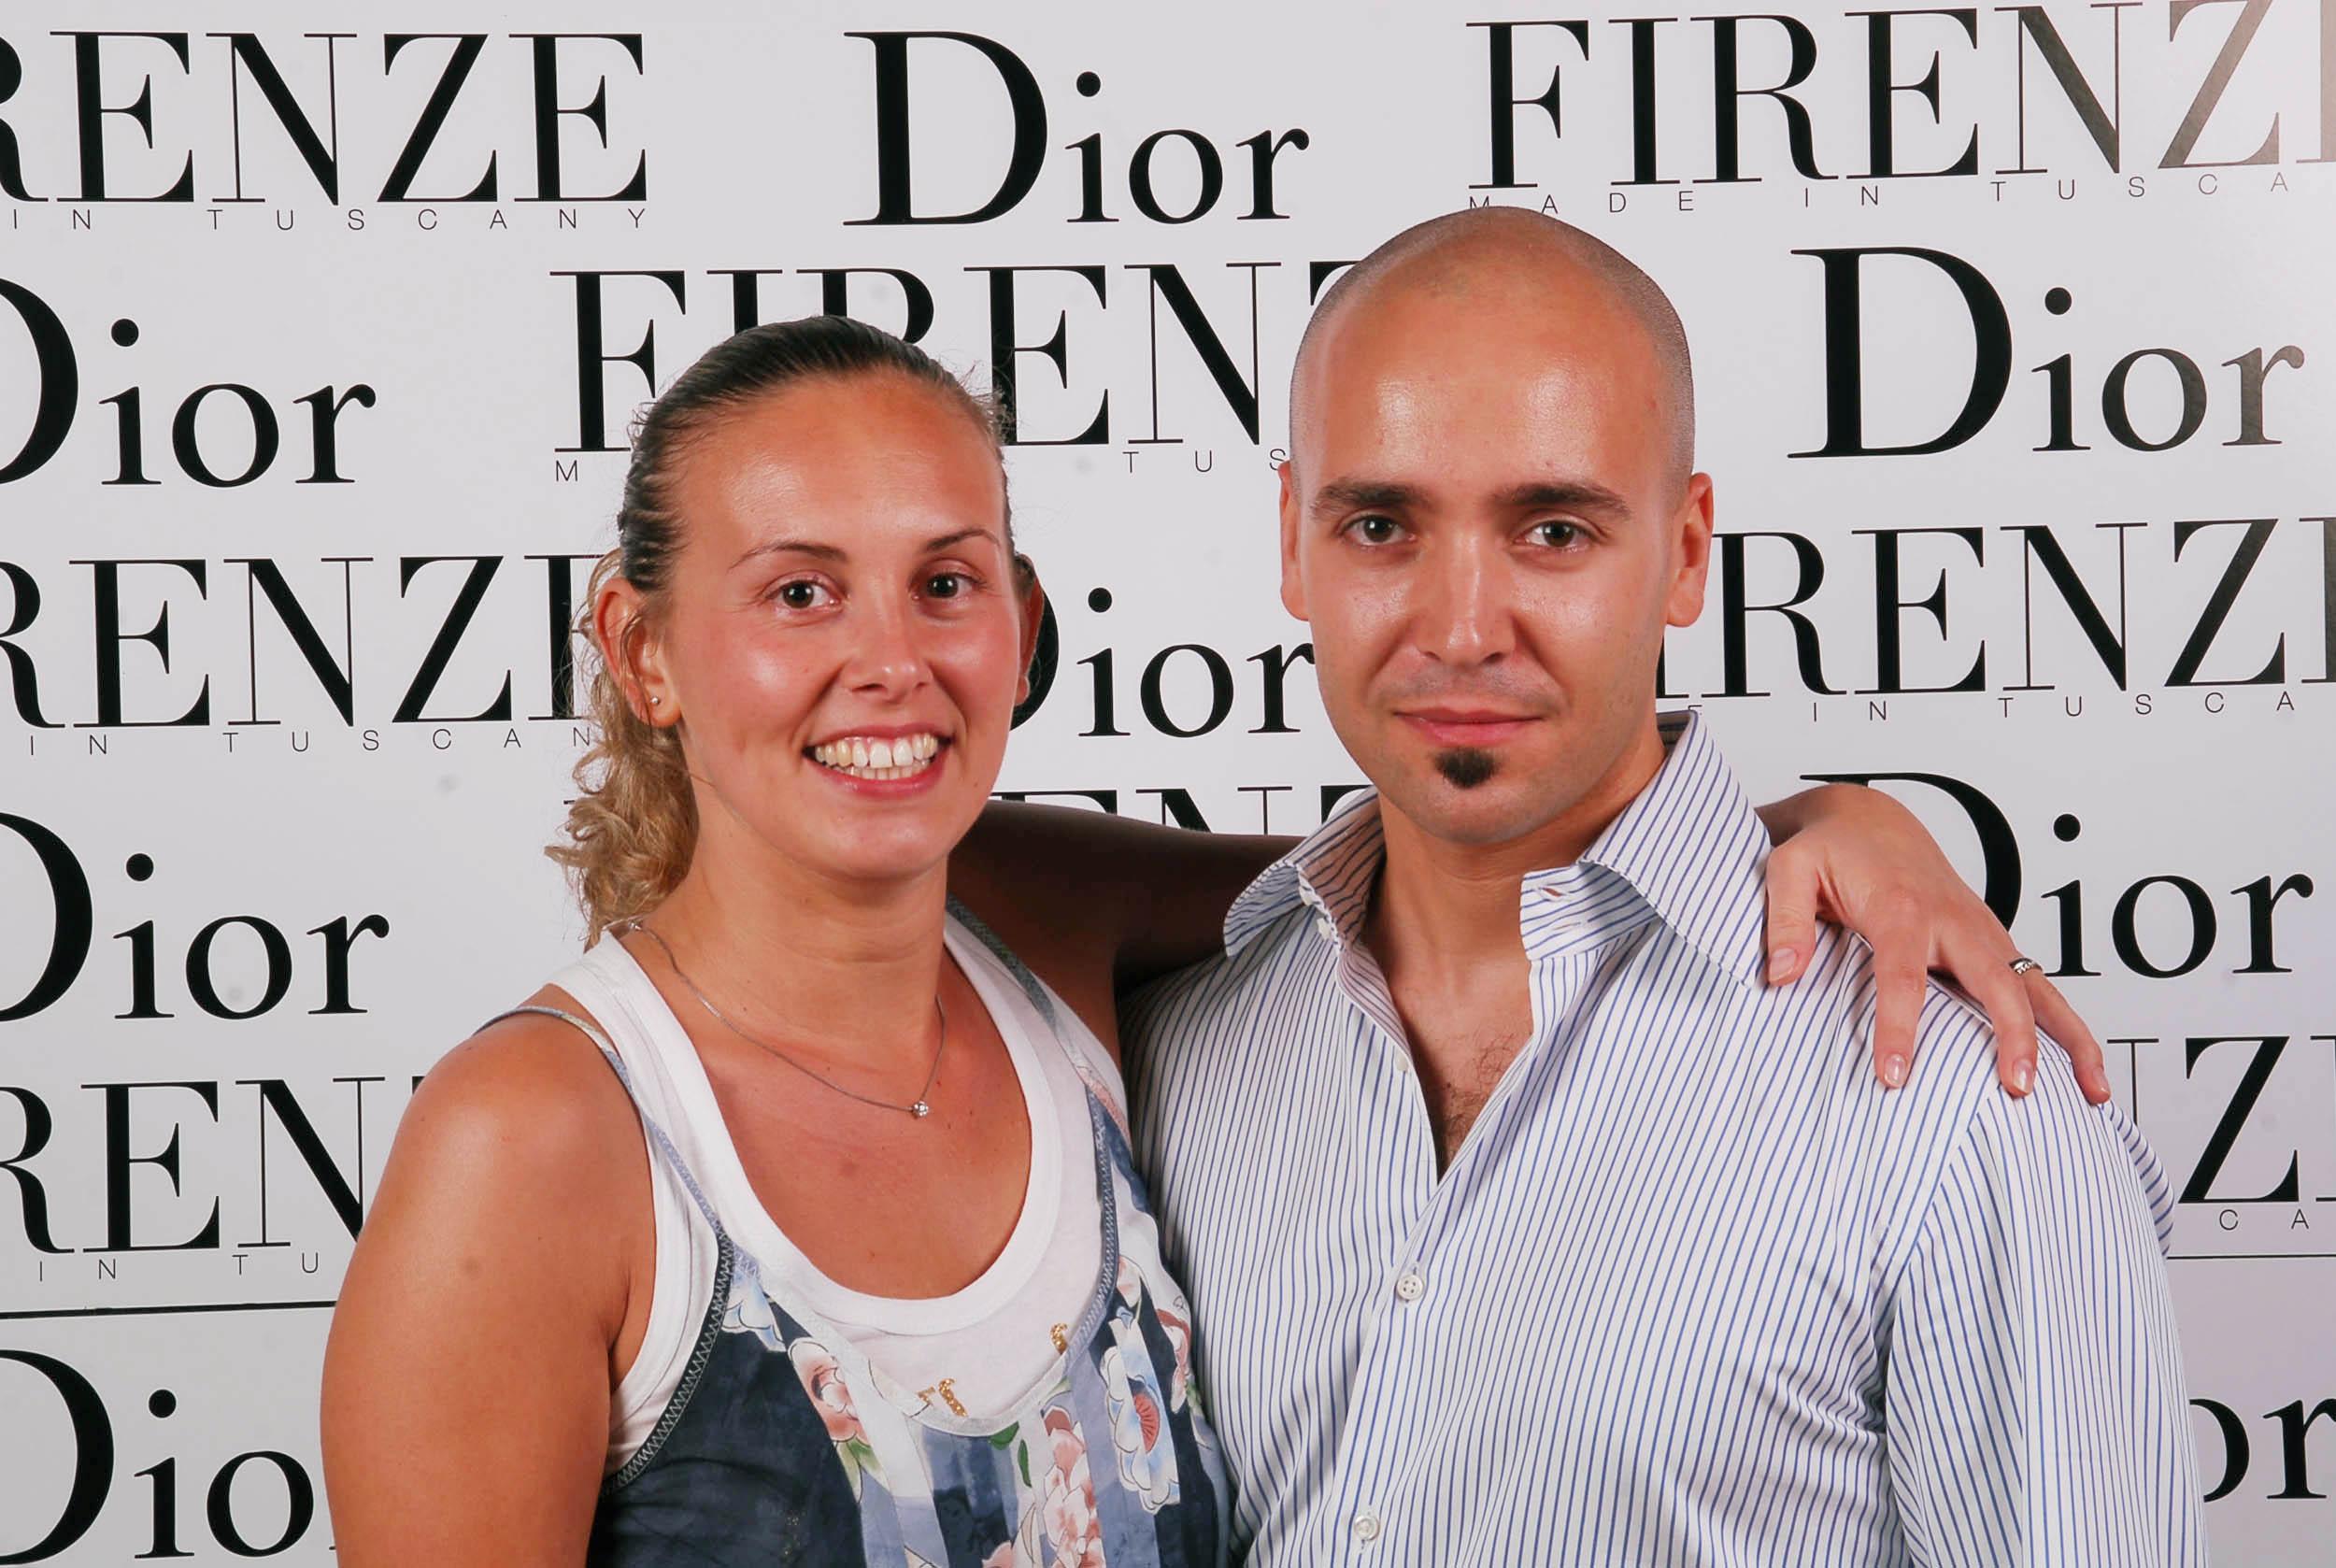 PRESSPHOTO  Firenze, evento Dior al teatro romano di Fiesole. Nella foto Paolo Nardi e Chiara Mammoli